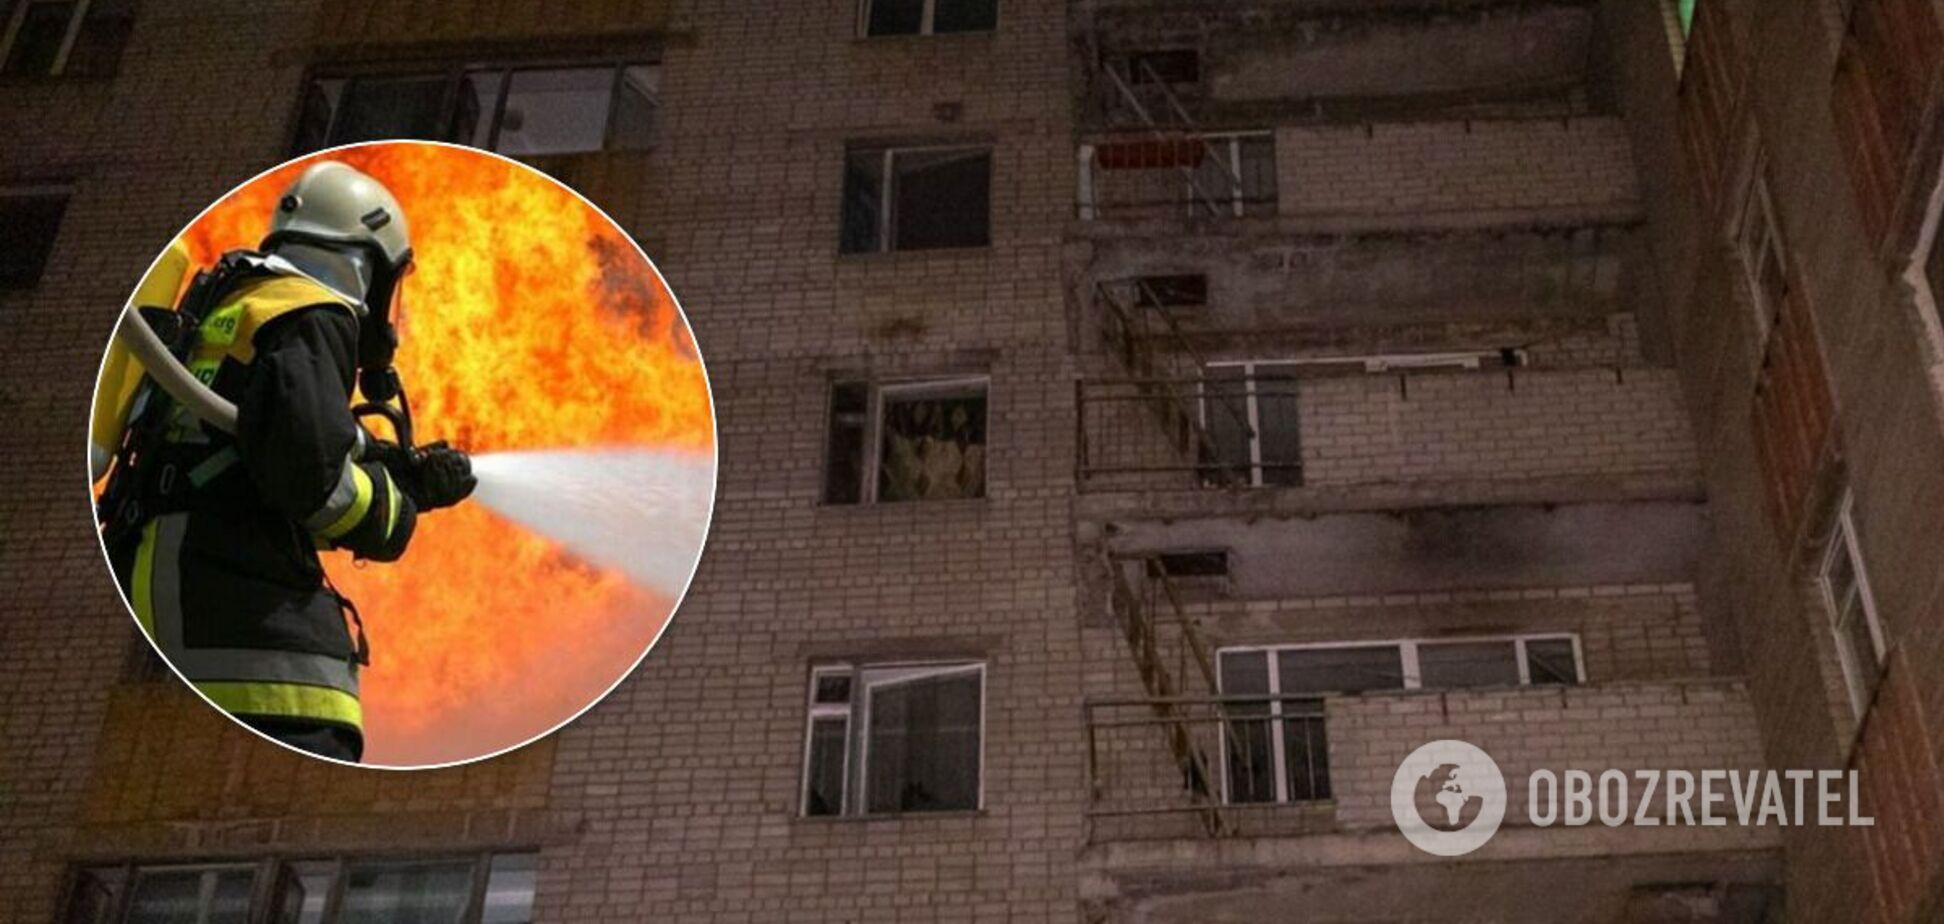 В Днепре произошел пожар в студенческом общежитии. Фото и видео